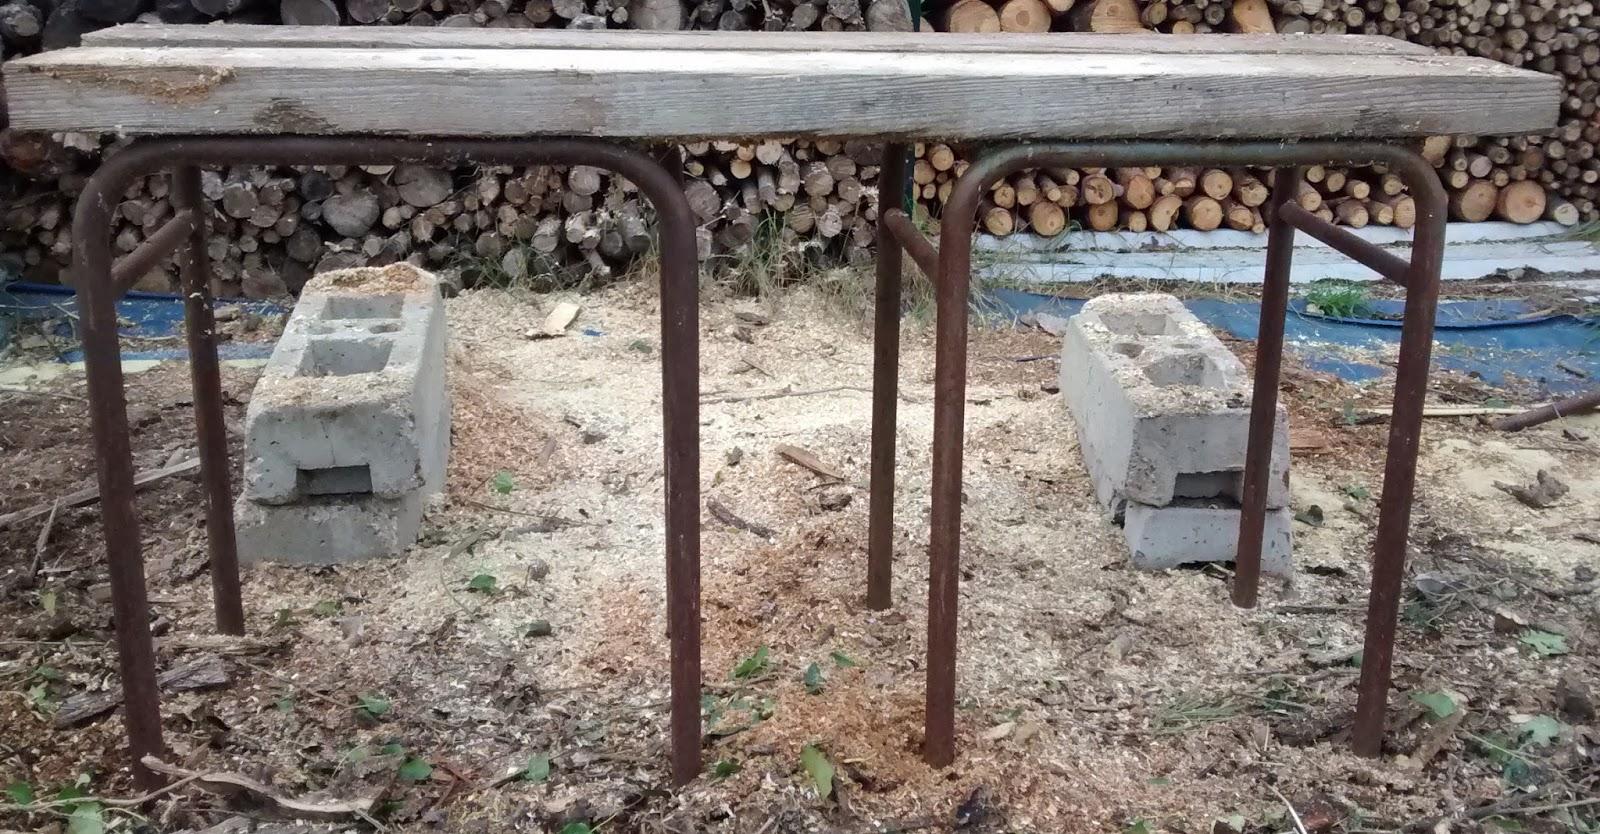 Grinchou blog chevalet de tron onnage simple et efficace pour couper son bois de chauffage - Plan pour fabriquer support hamac ...